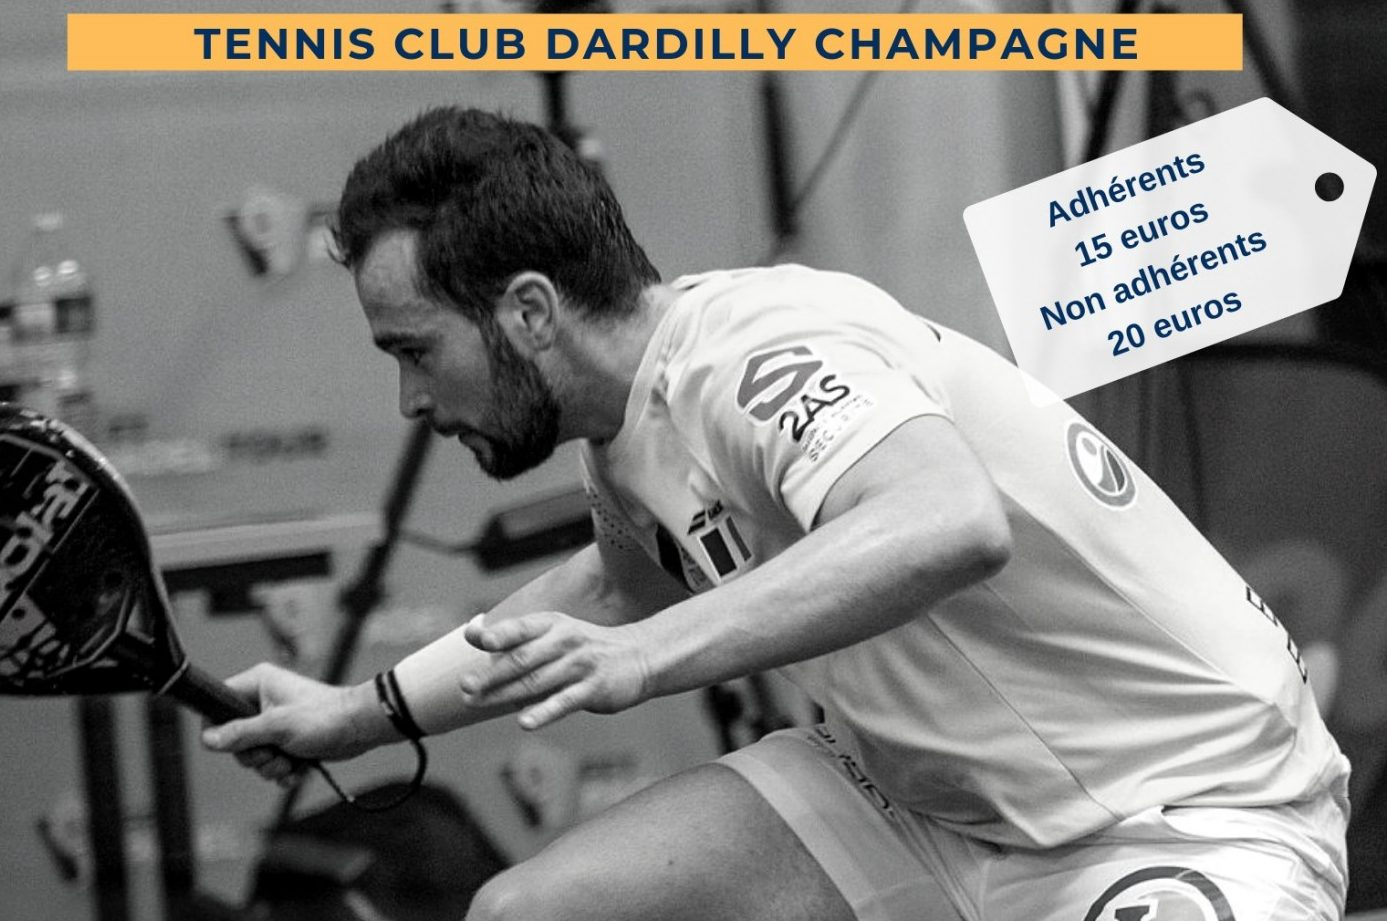 P100 Trans Mat Sud en julio en TC Dardilly-Champagne